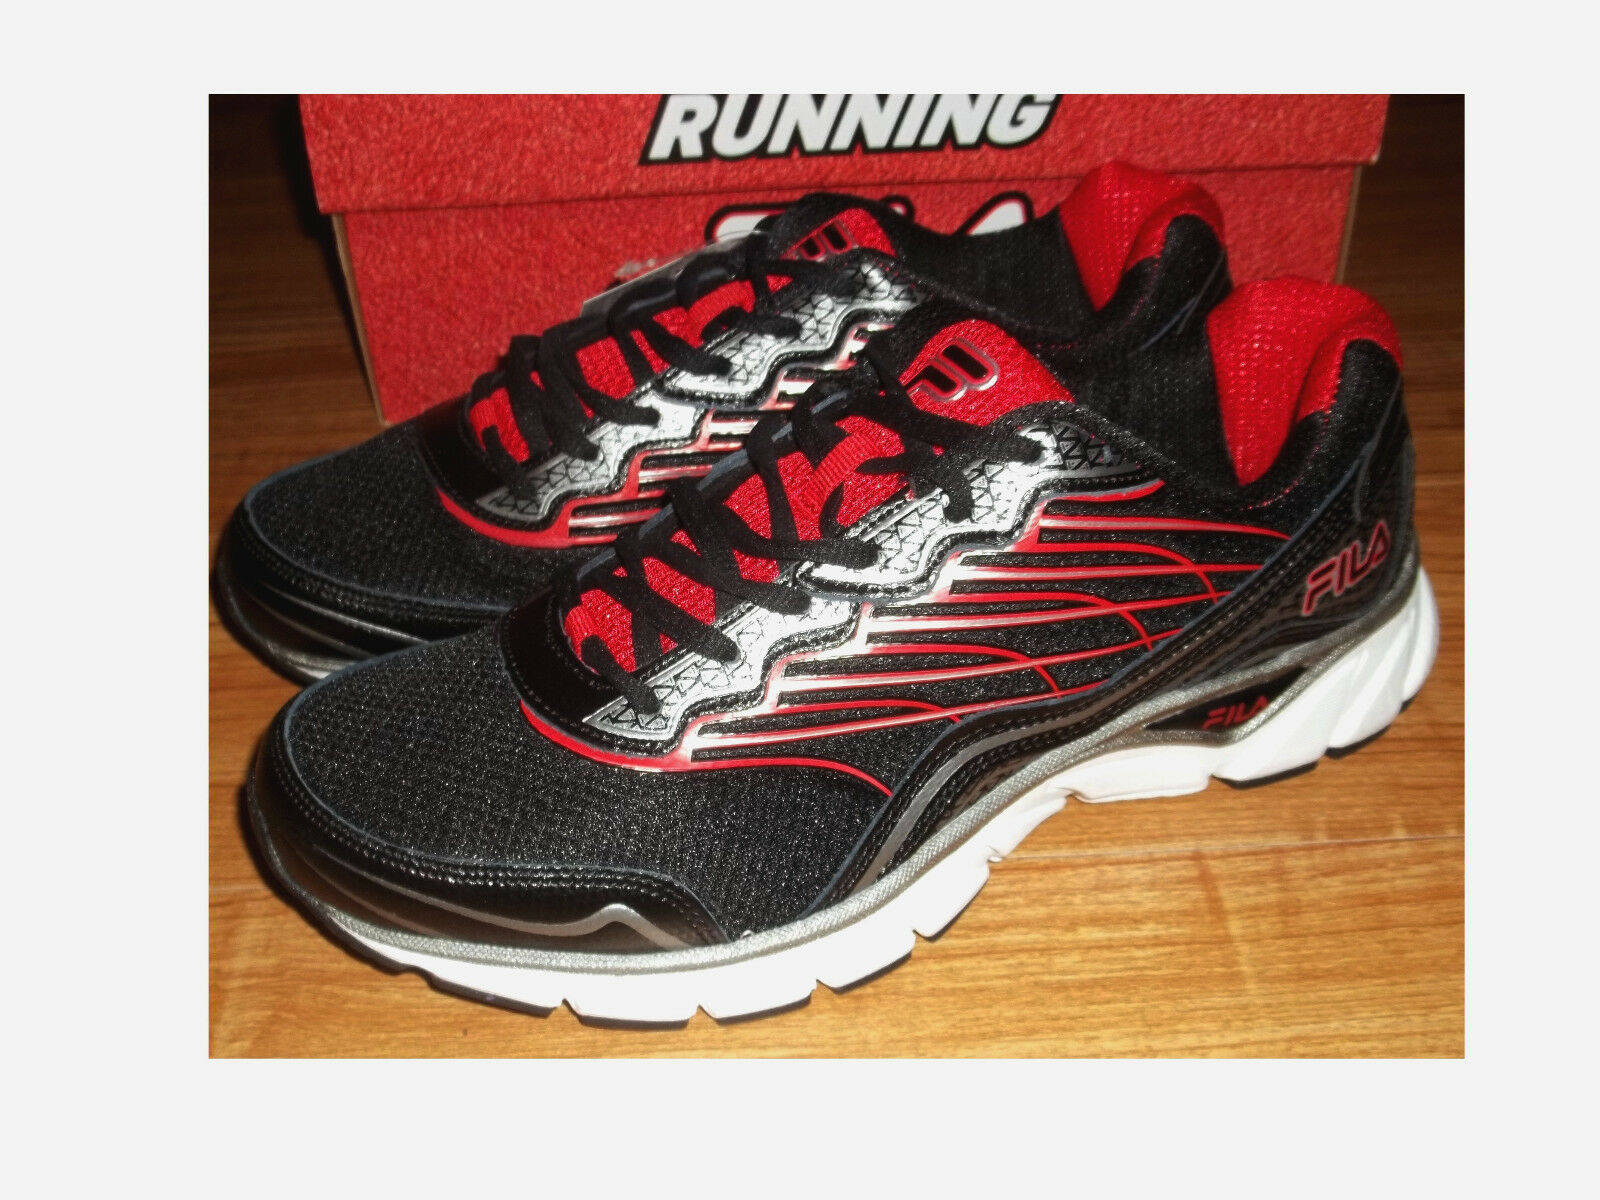 NWB FILA MEMORY COUNTDOWN 3 Running shoes Sz 9  74.99 FREE SHIPPING